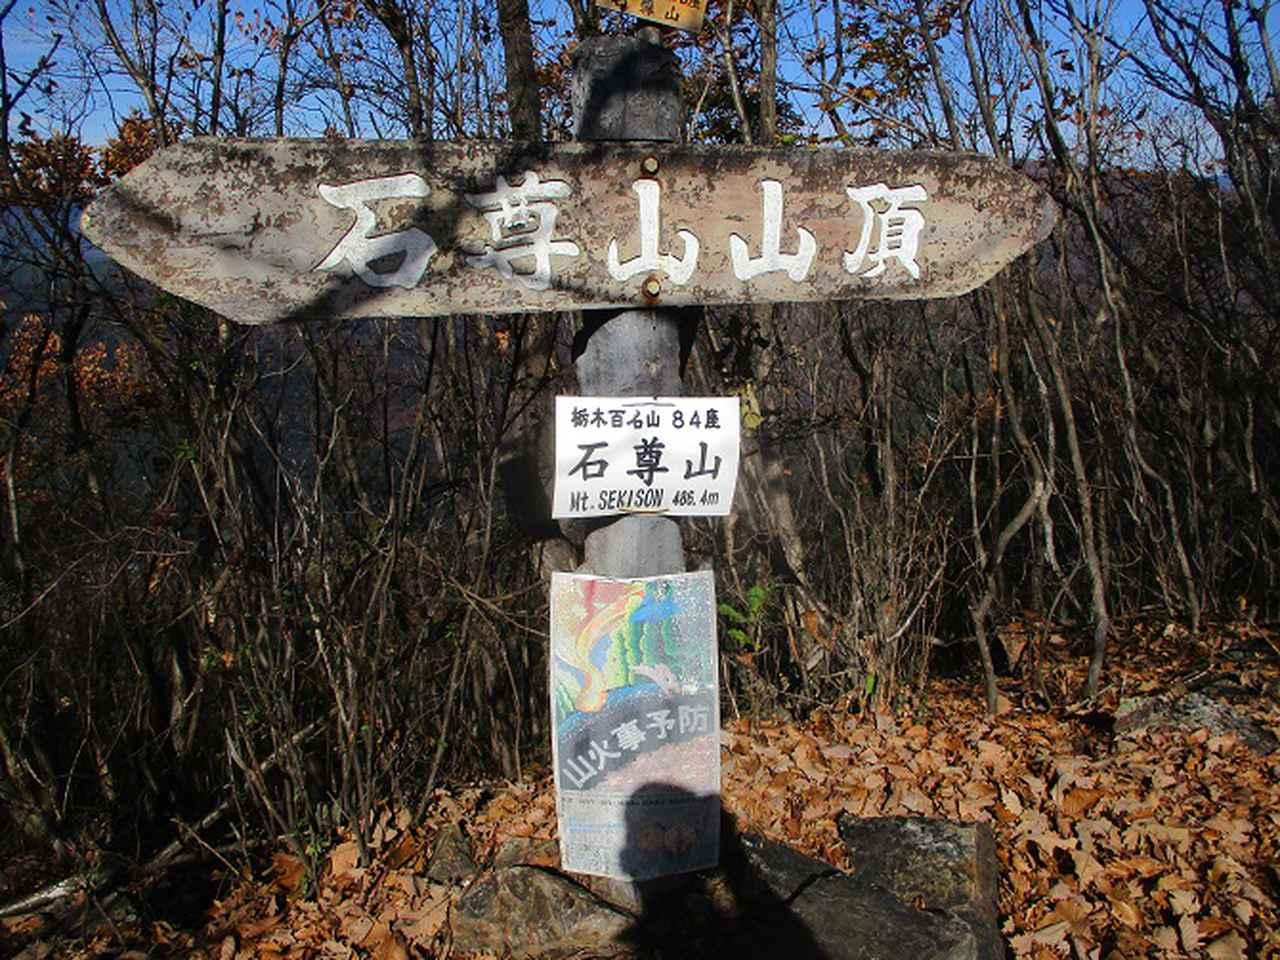 画像6: 12月の山旅会 「深高山から石尊山」 ツアーの下見に行ってきました!